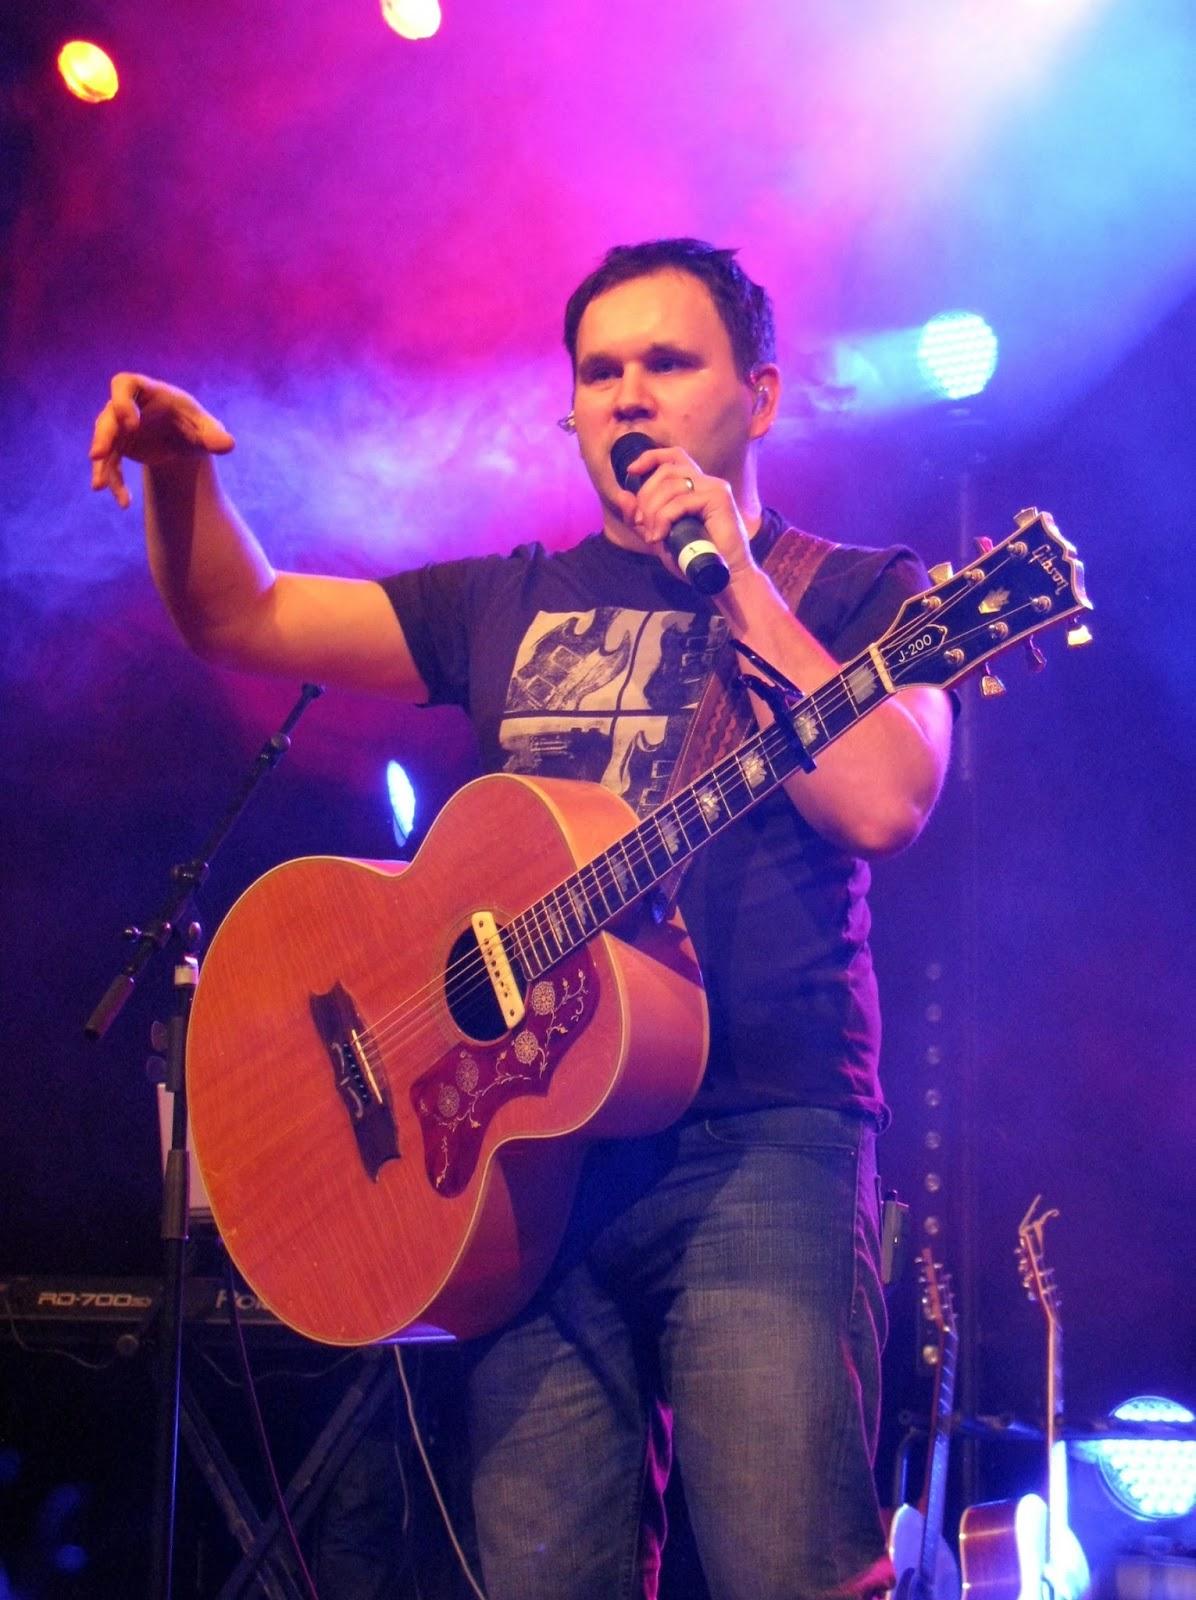 Matt Redman - Unbroken Praise 2015 live concert album